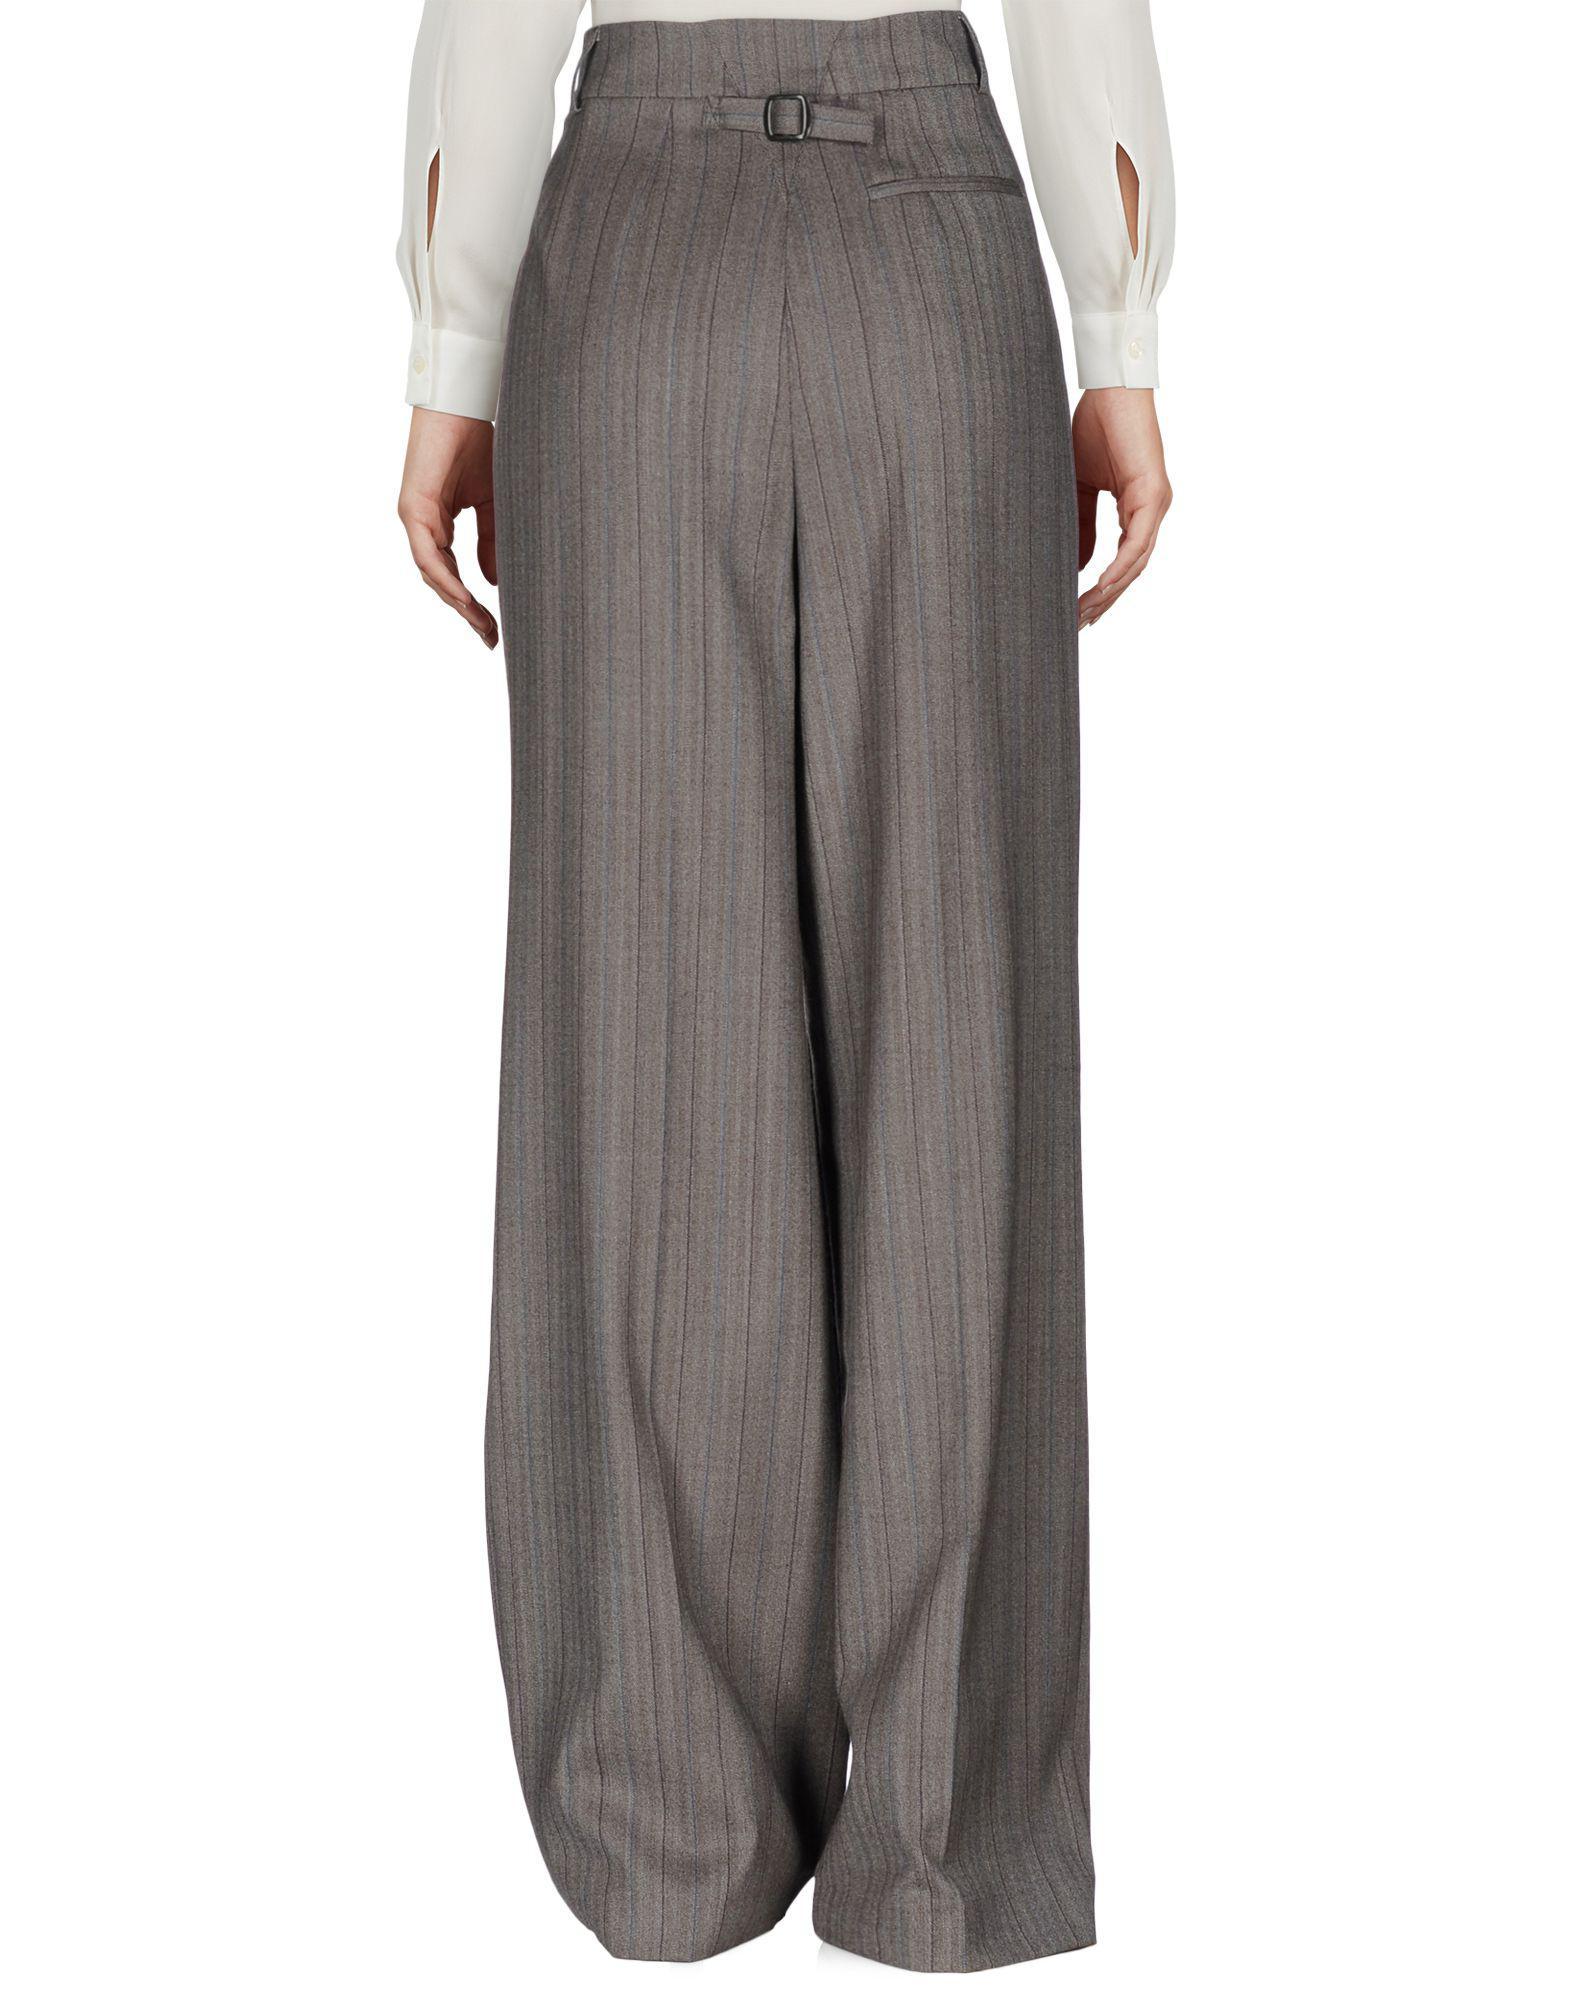 Pantalon - Pantalon Décontracté Cacharel 2u9KQ